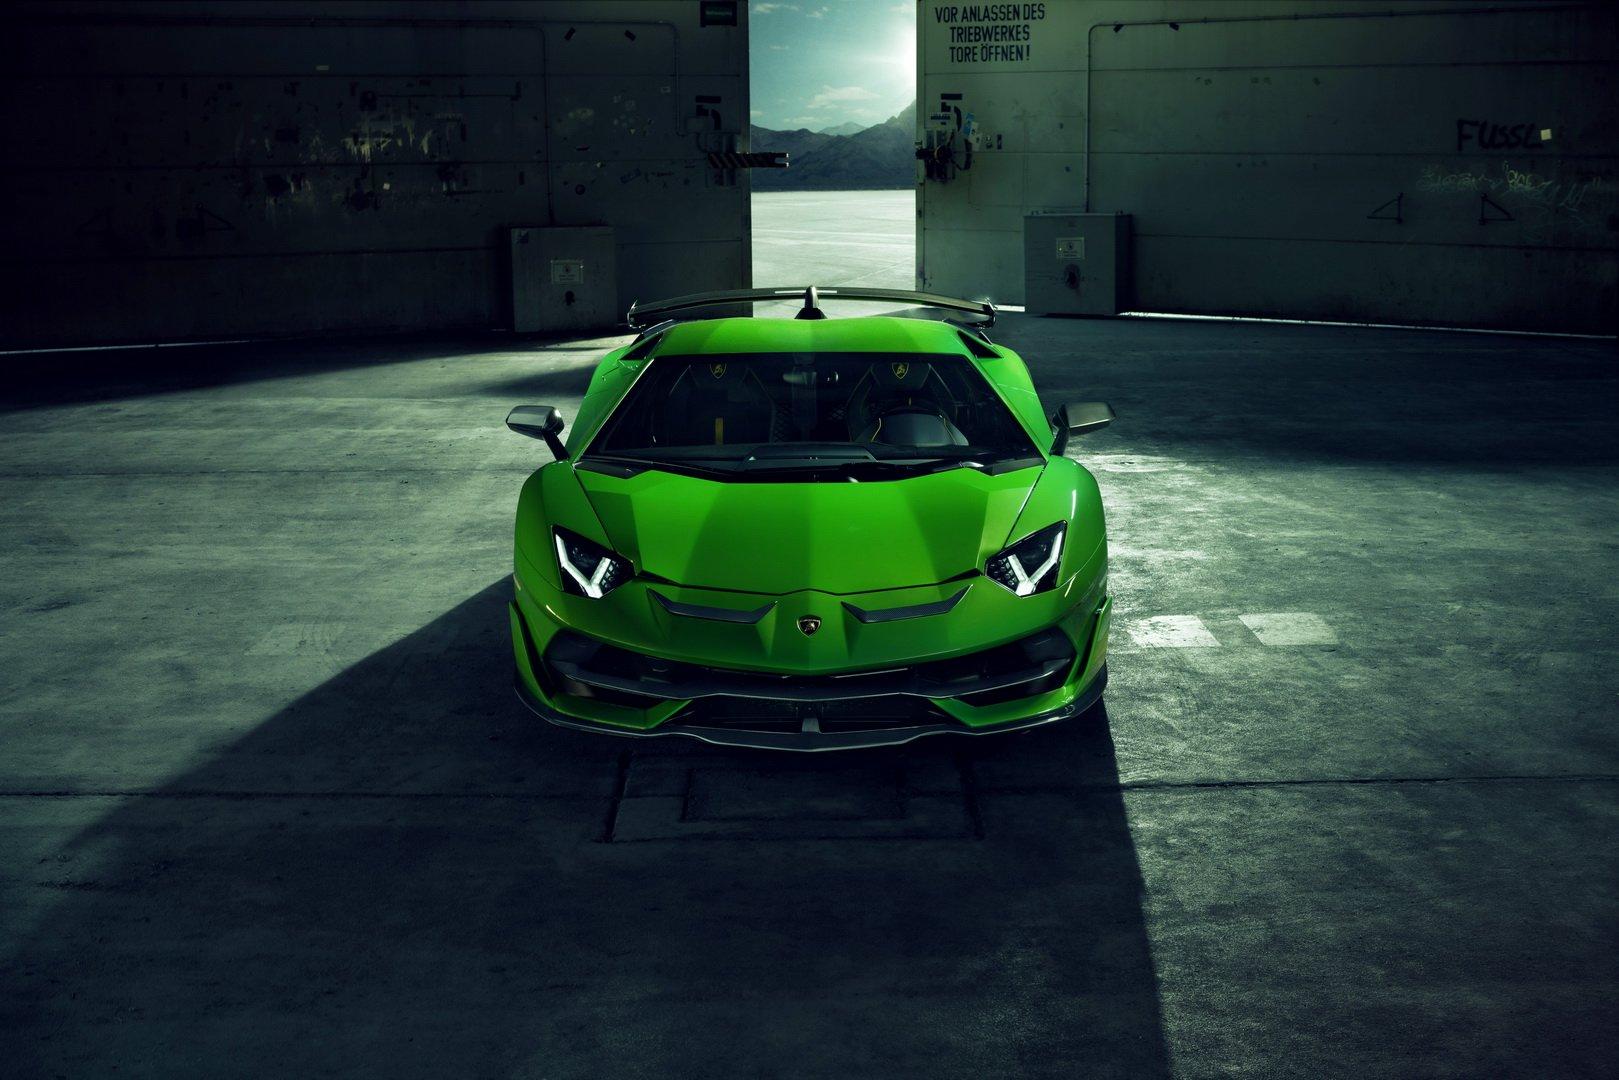 Lamborghini-Aventador-SVJ-by-Novitec-4